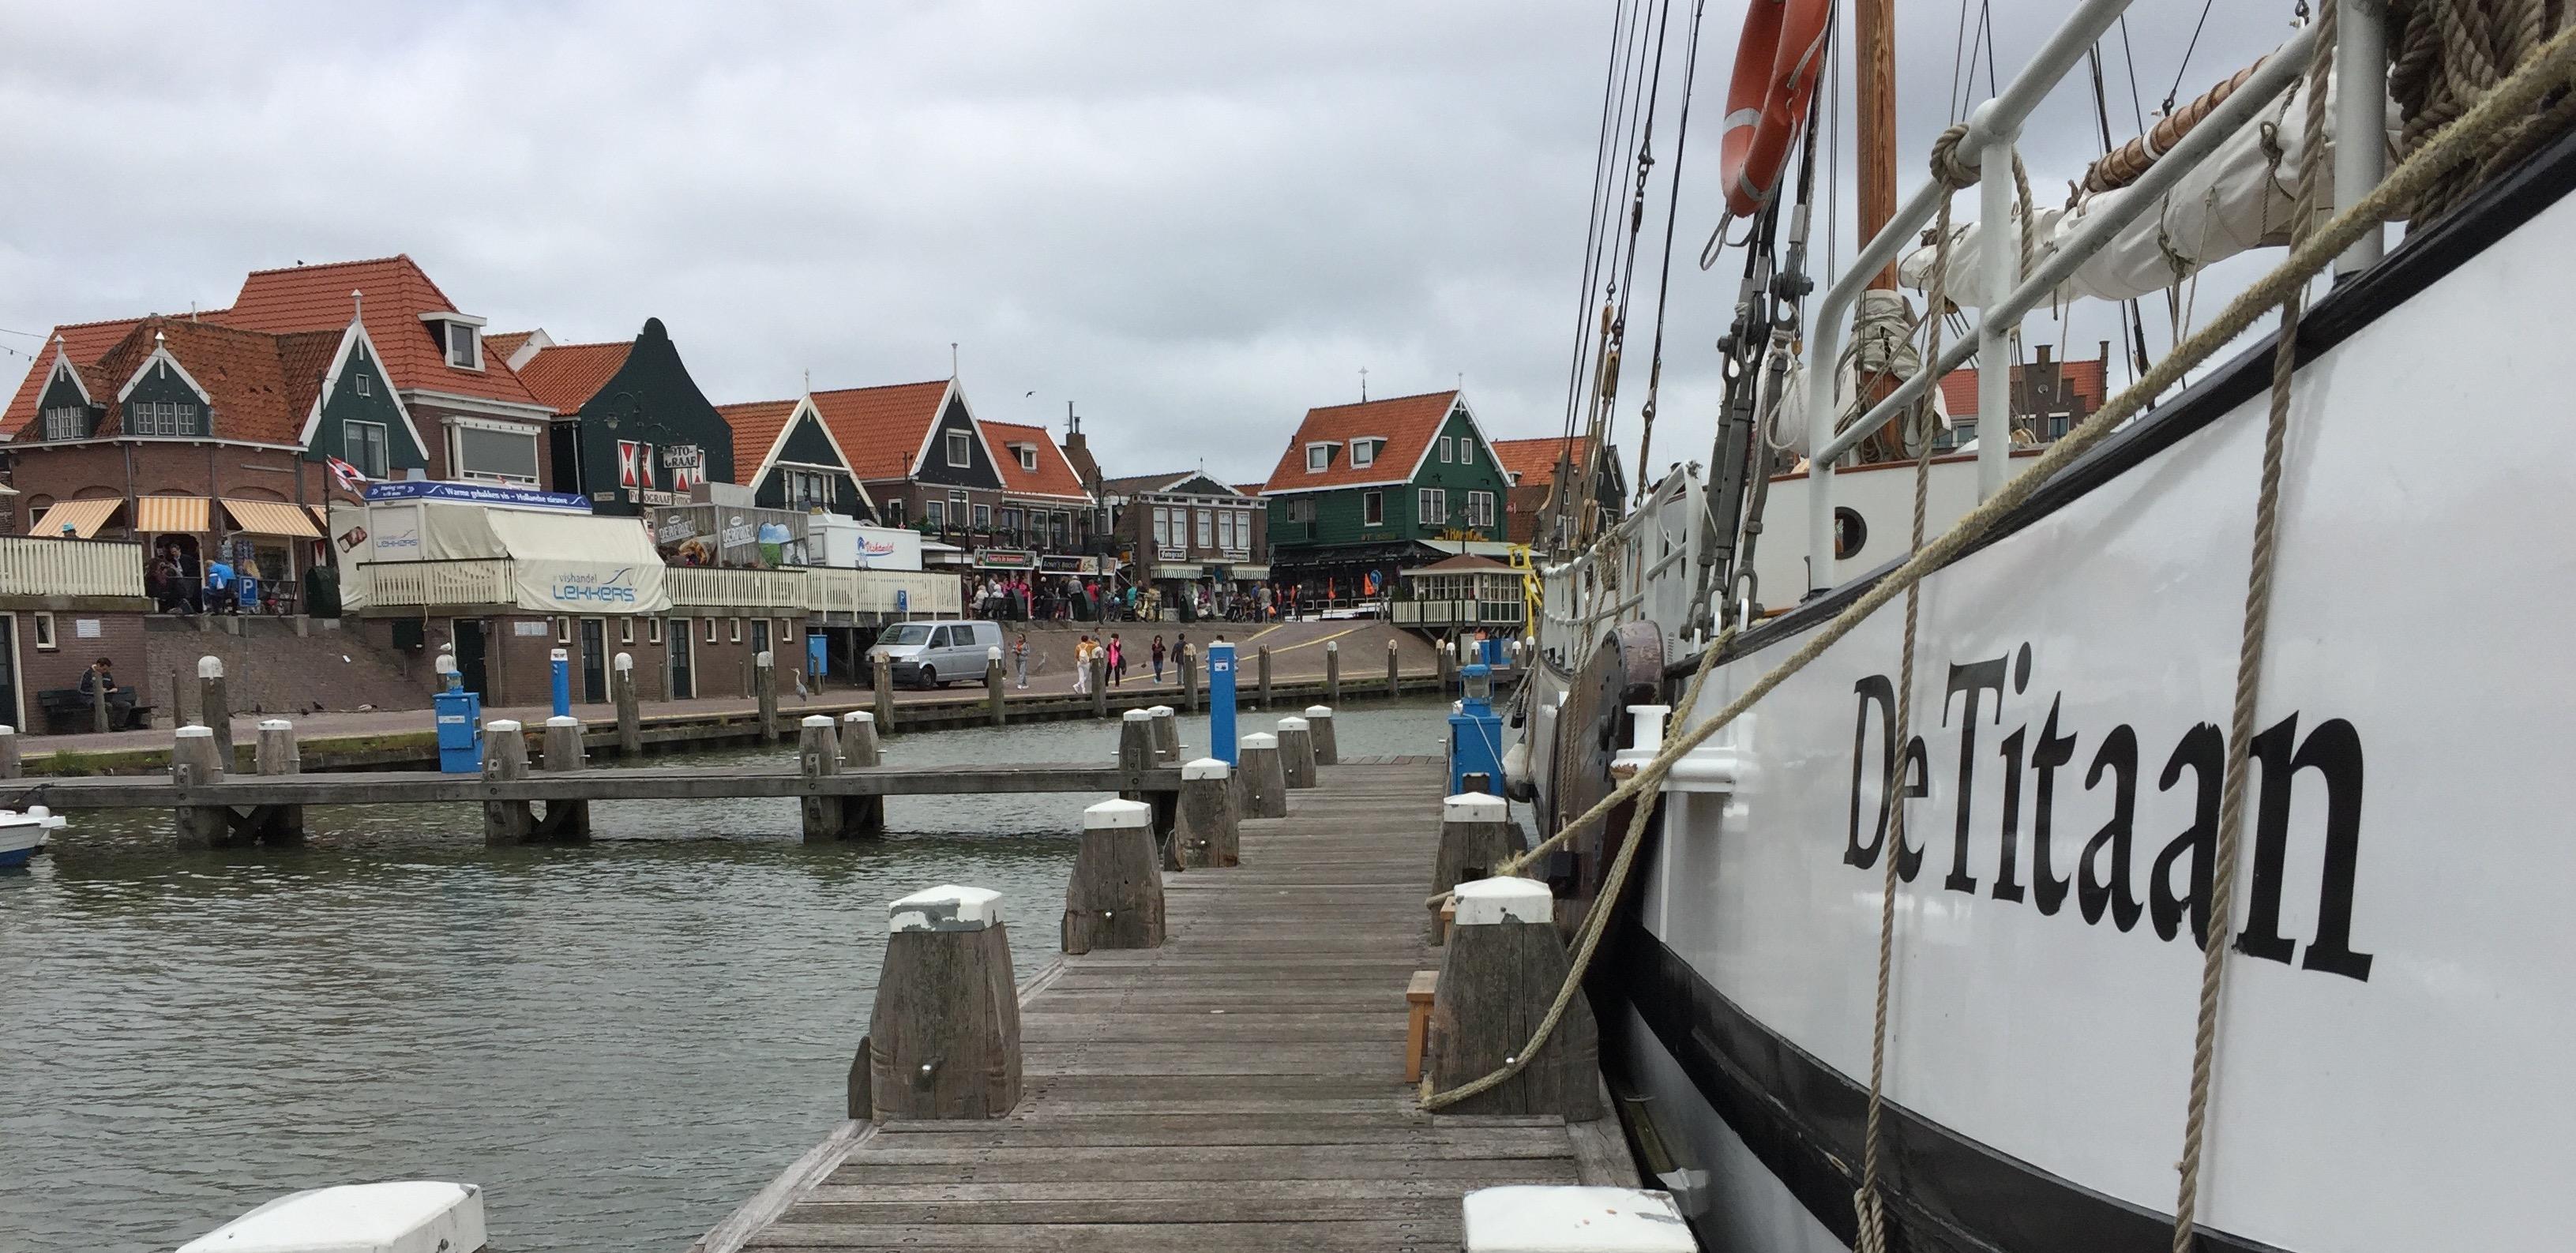 Titaan in Volendam